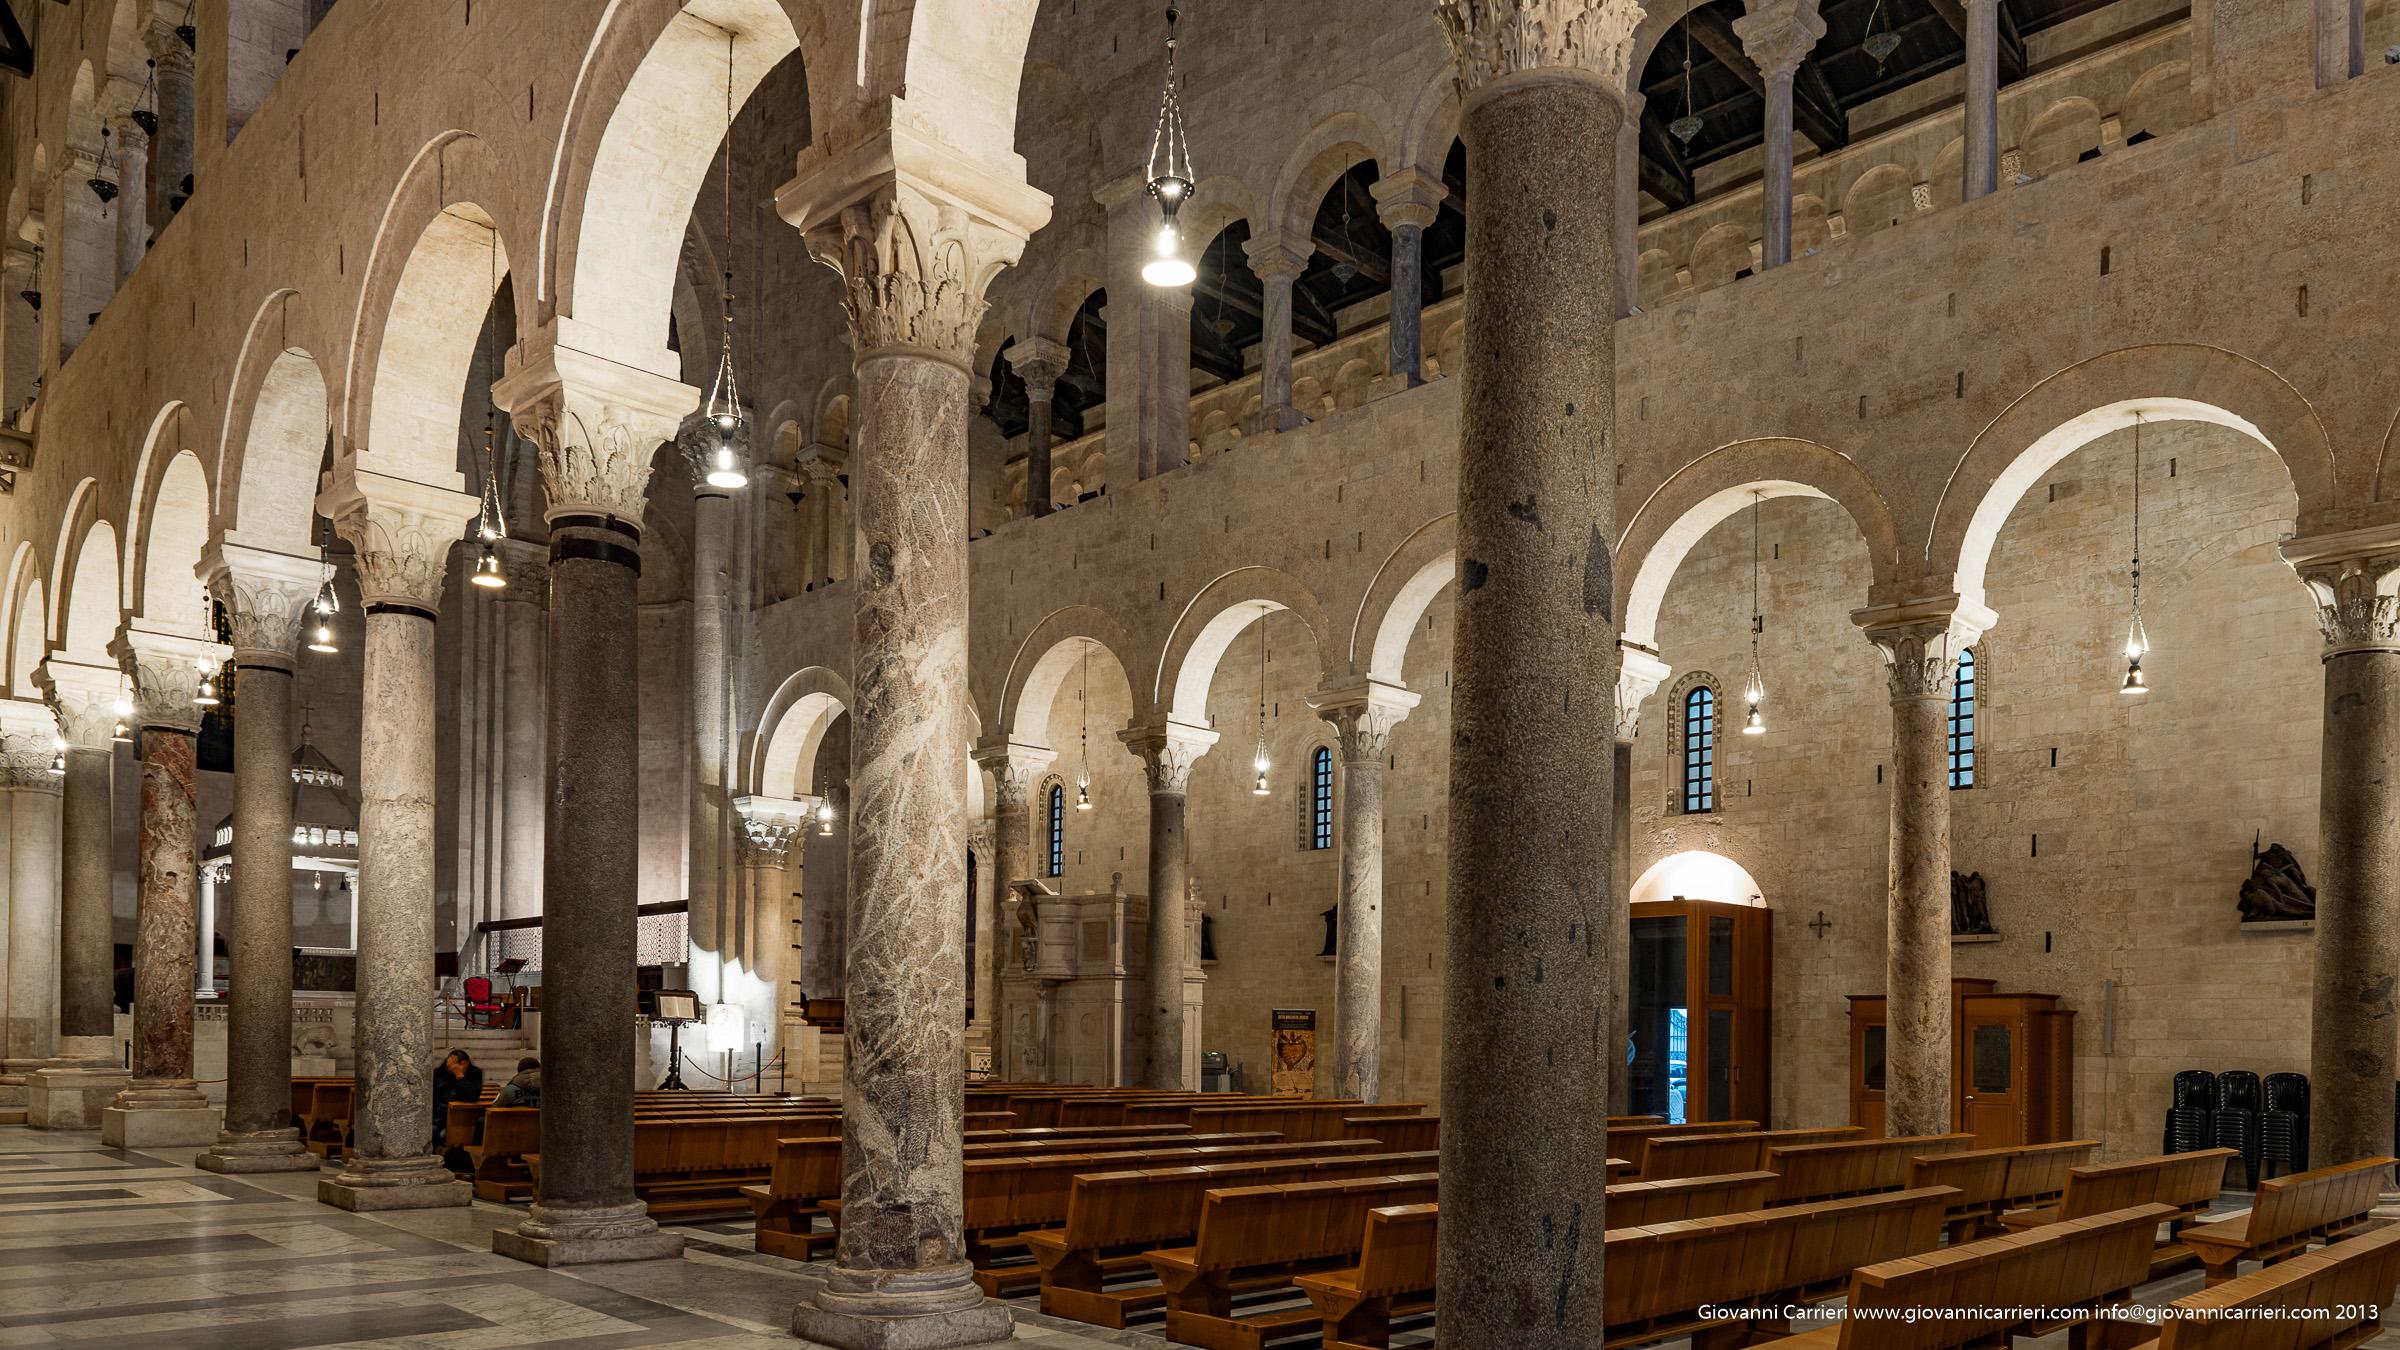 Vista interna della cattedrale San Sabino - Bari vecchia